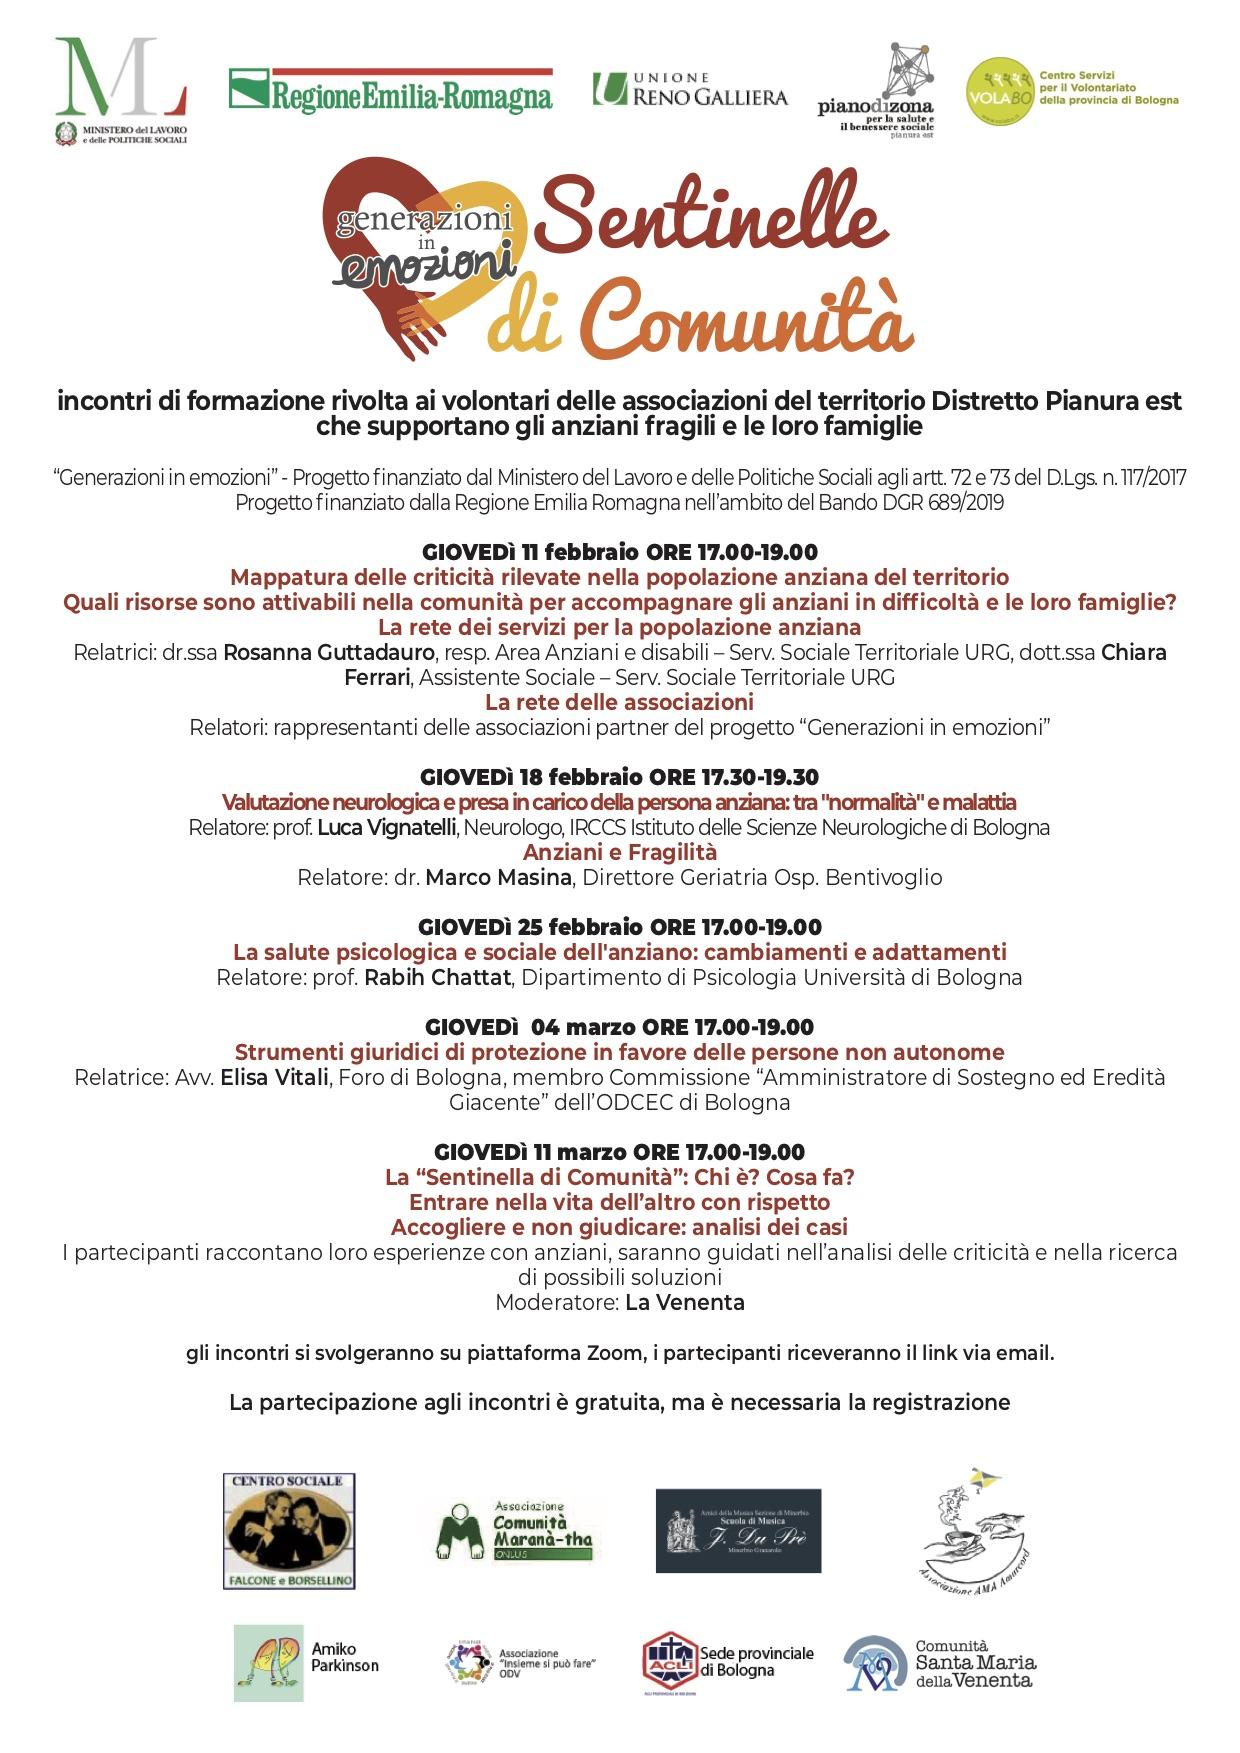 Sentinelle di comunità (1)